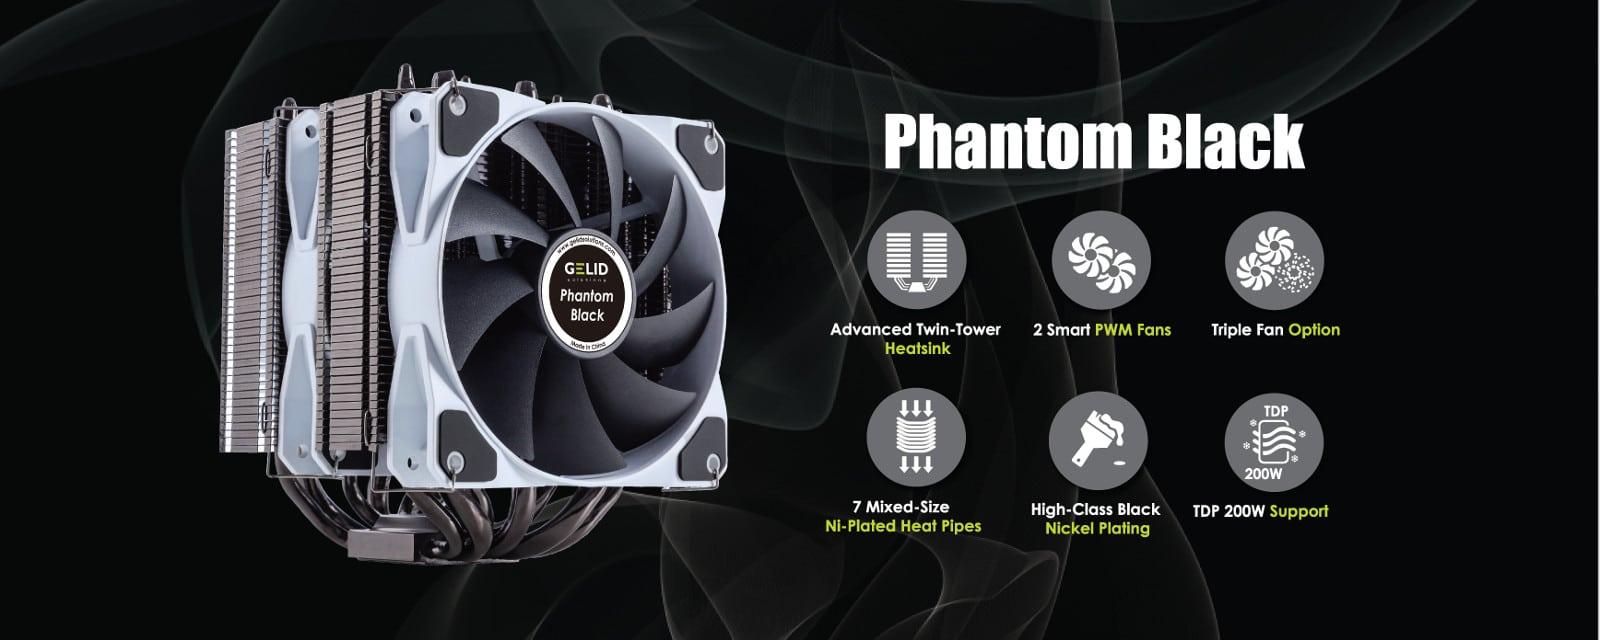 Phantom Black CPU Cooler